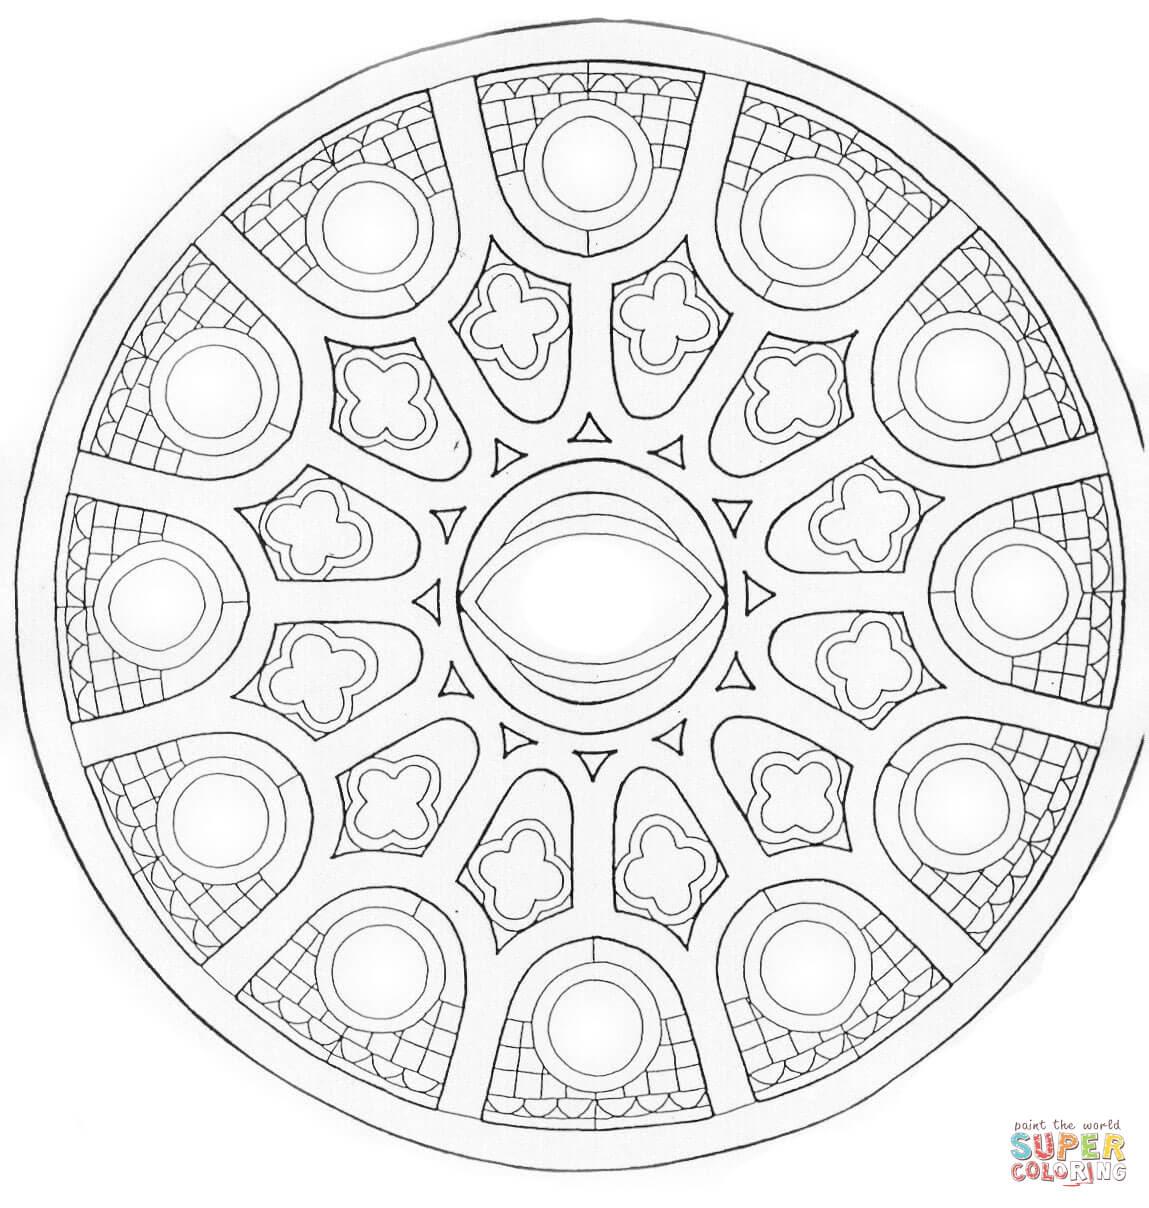 Dibujos De Mandalas Avanzadas Para Colorear Páginas Para Imprimir